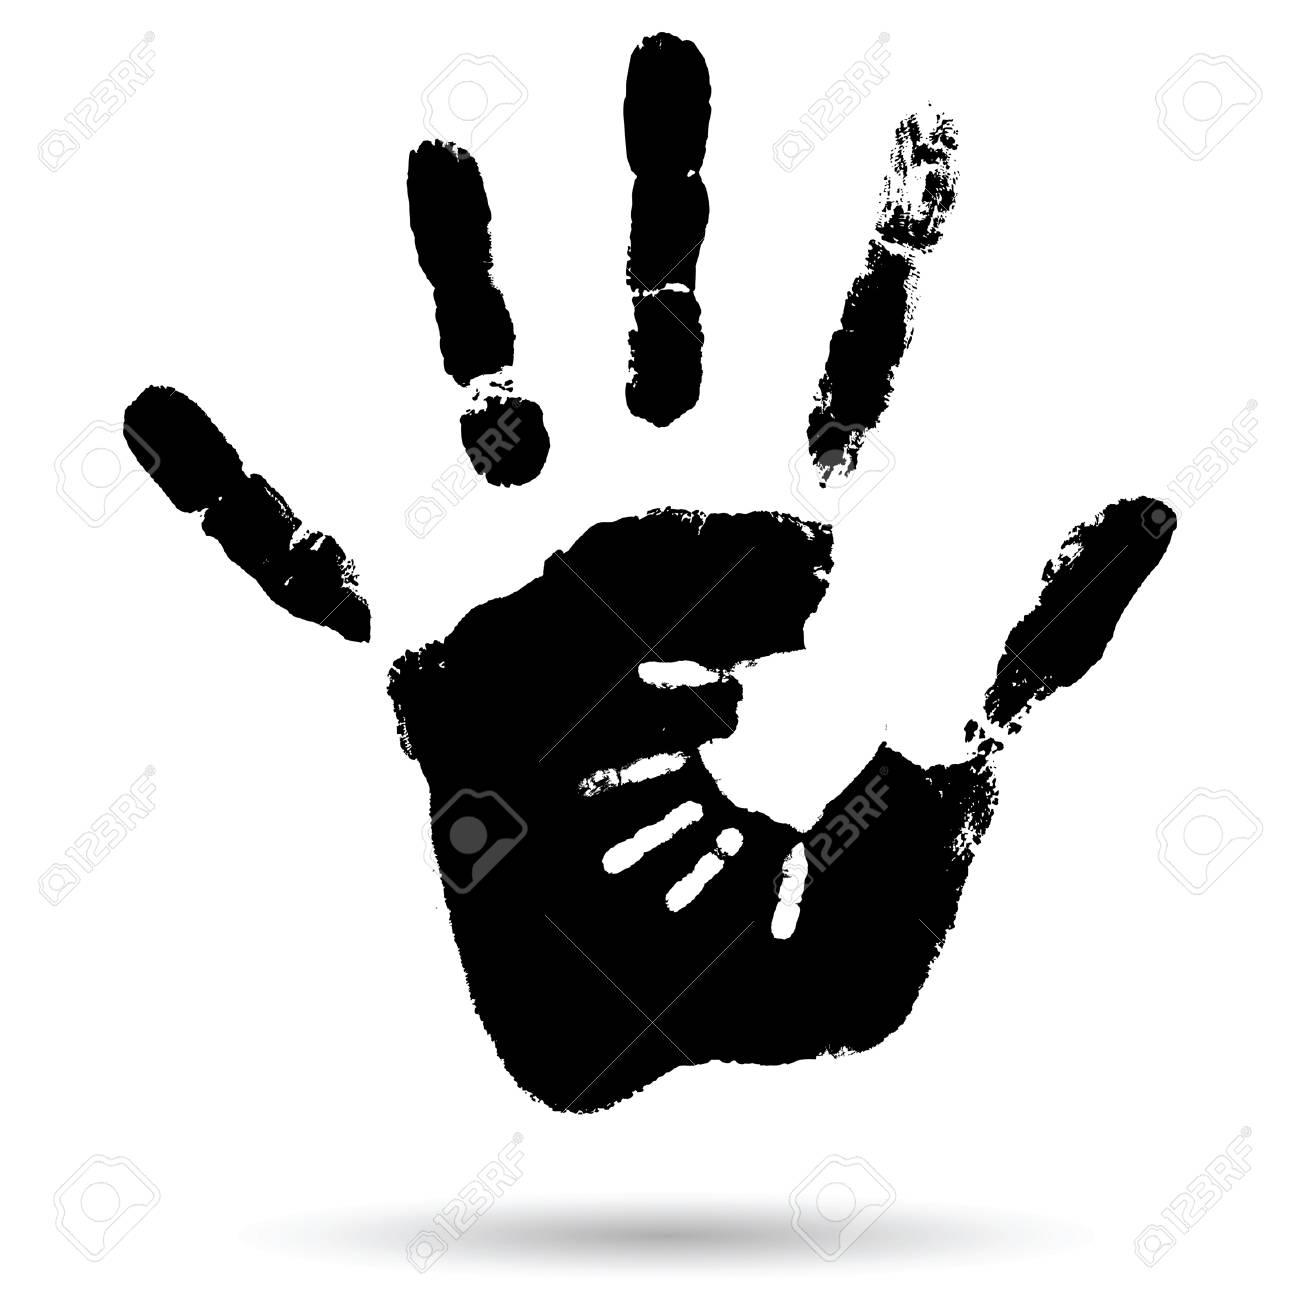 Fantastisch Hand Ausgeschnittene Vorlage Zeitgenössisch - Entry ...